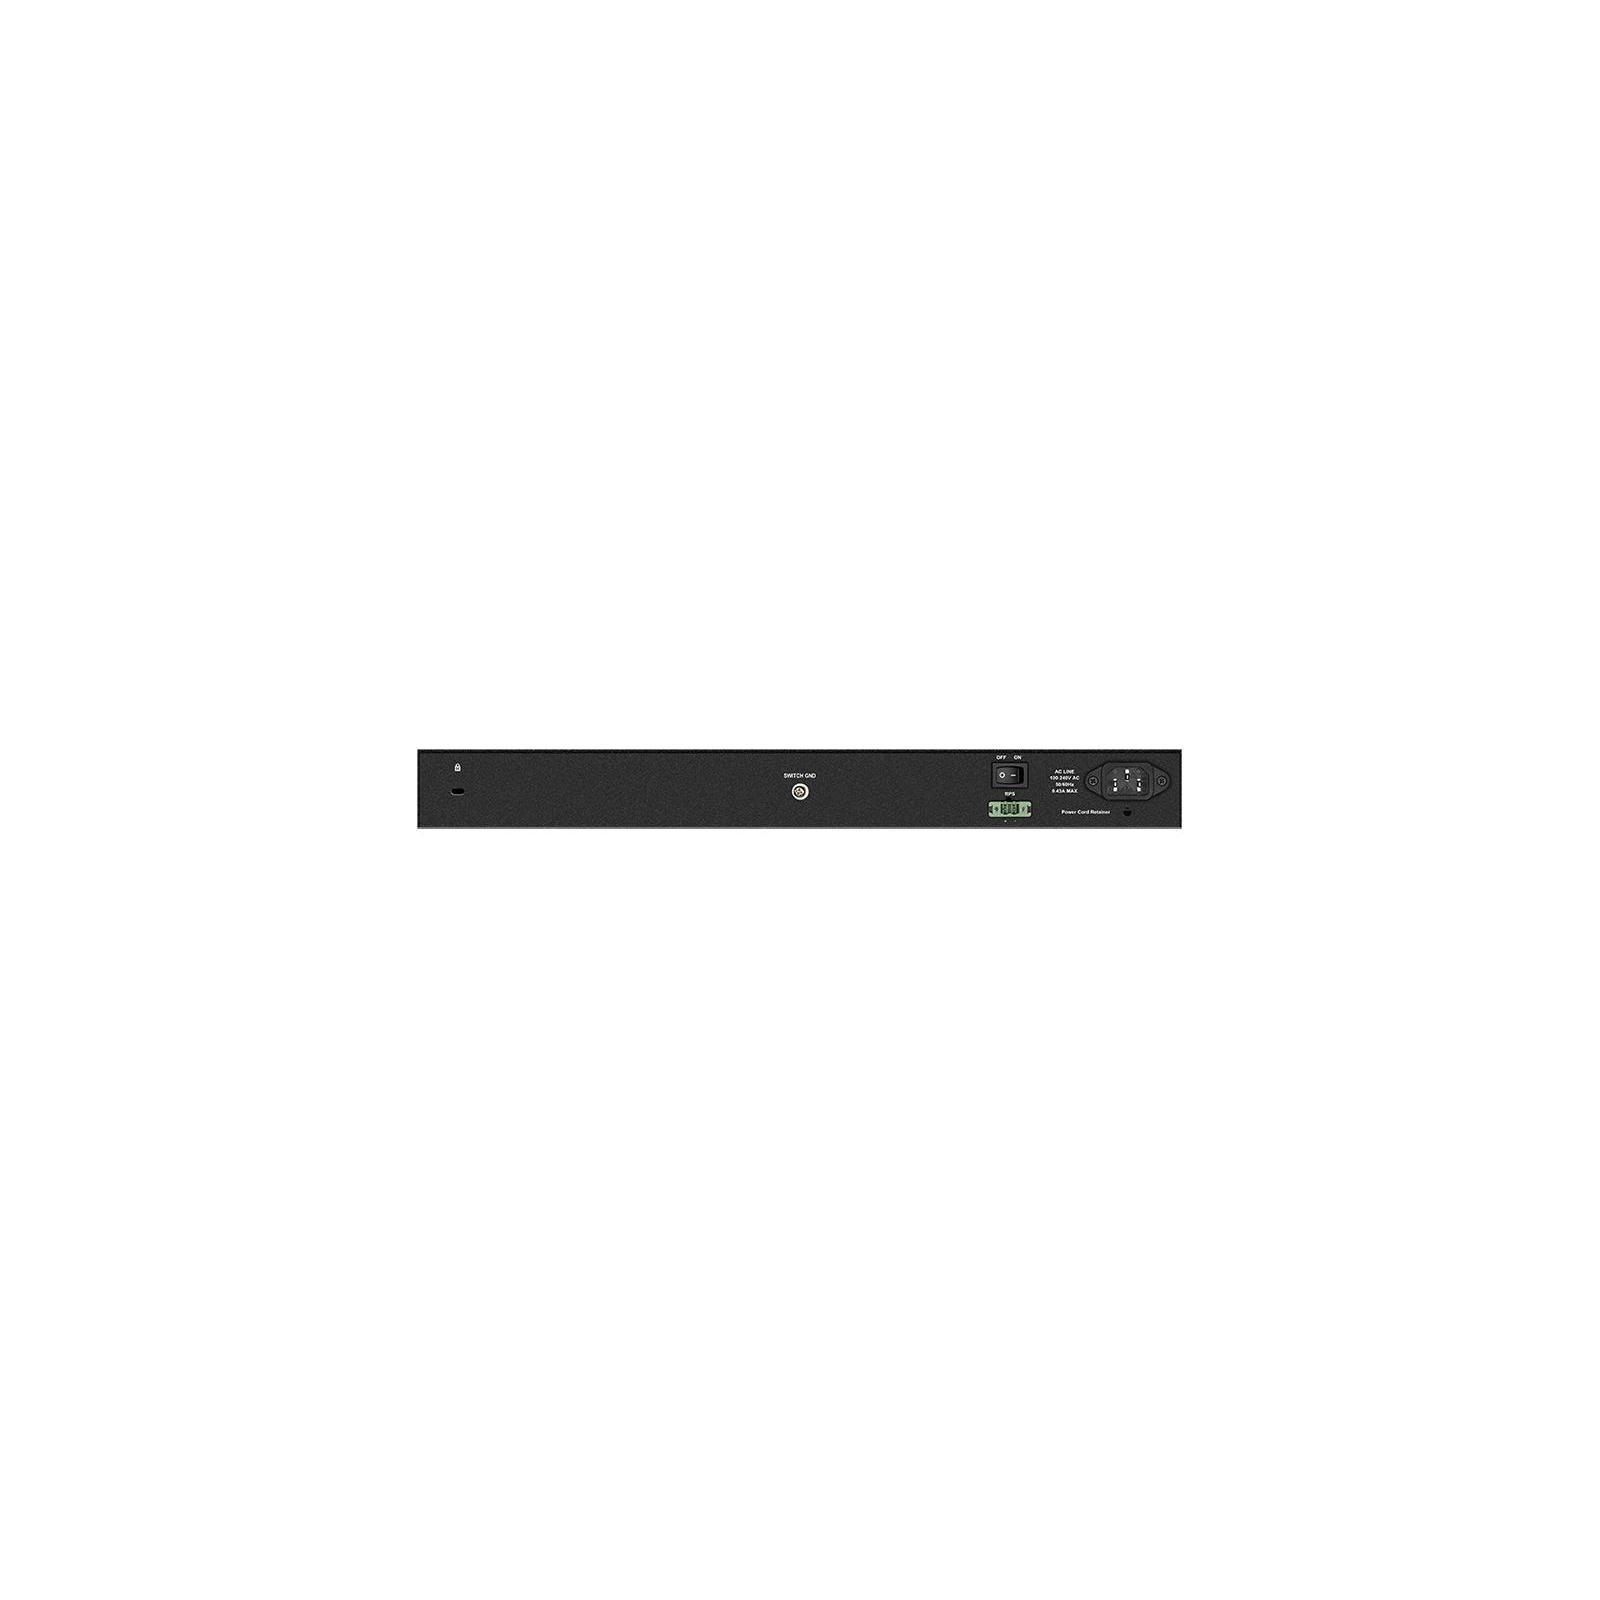 Коммутатор сетевой D-Link DGS-1210-28/ME/P/B изображение 3